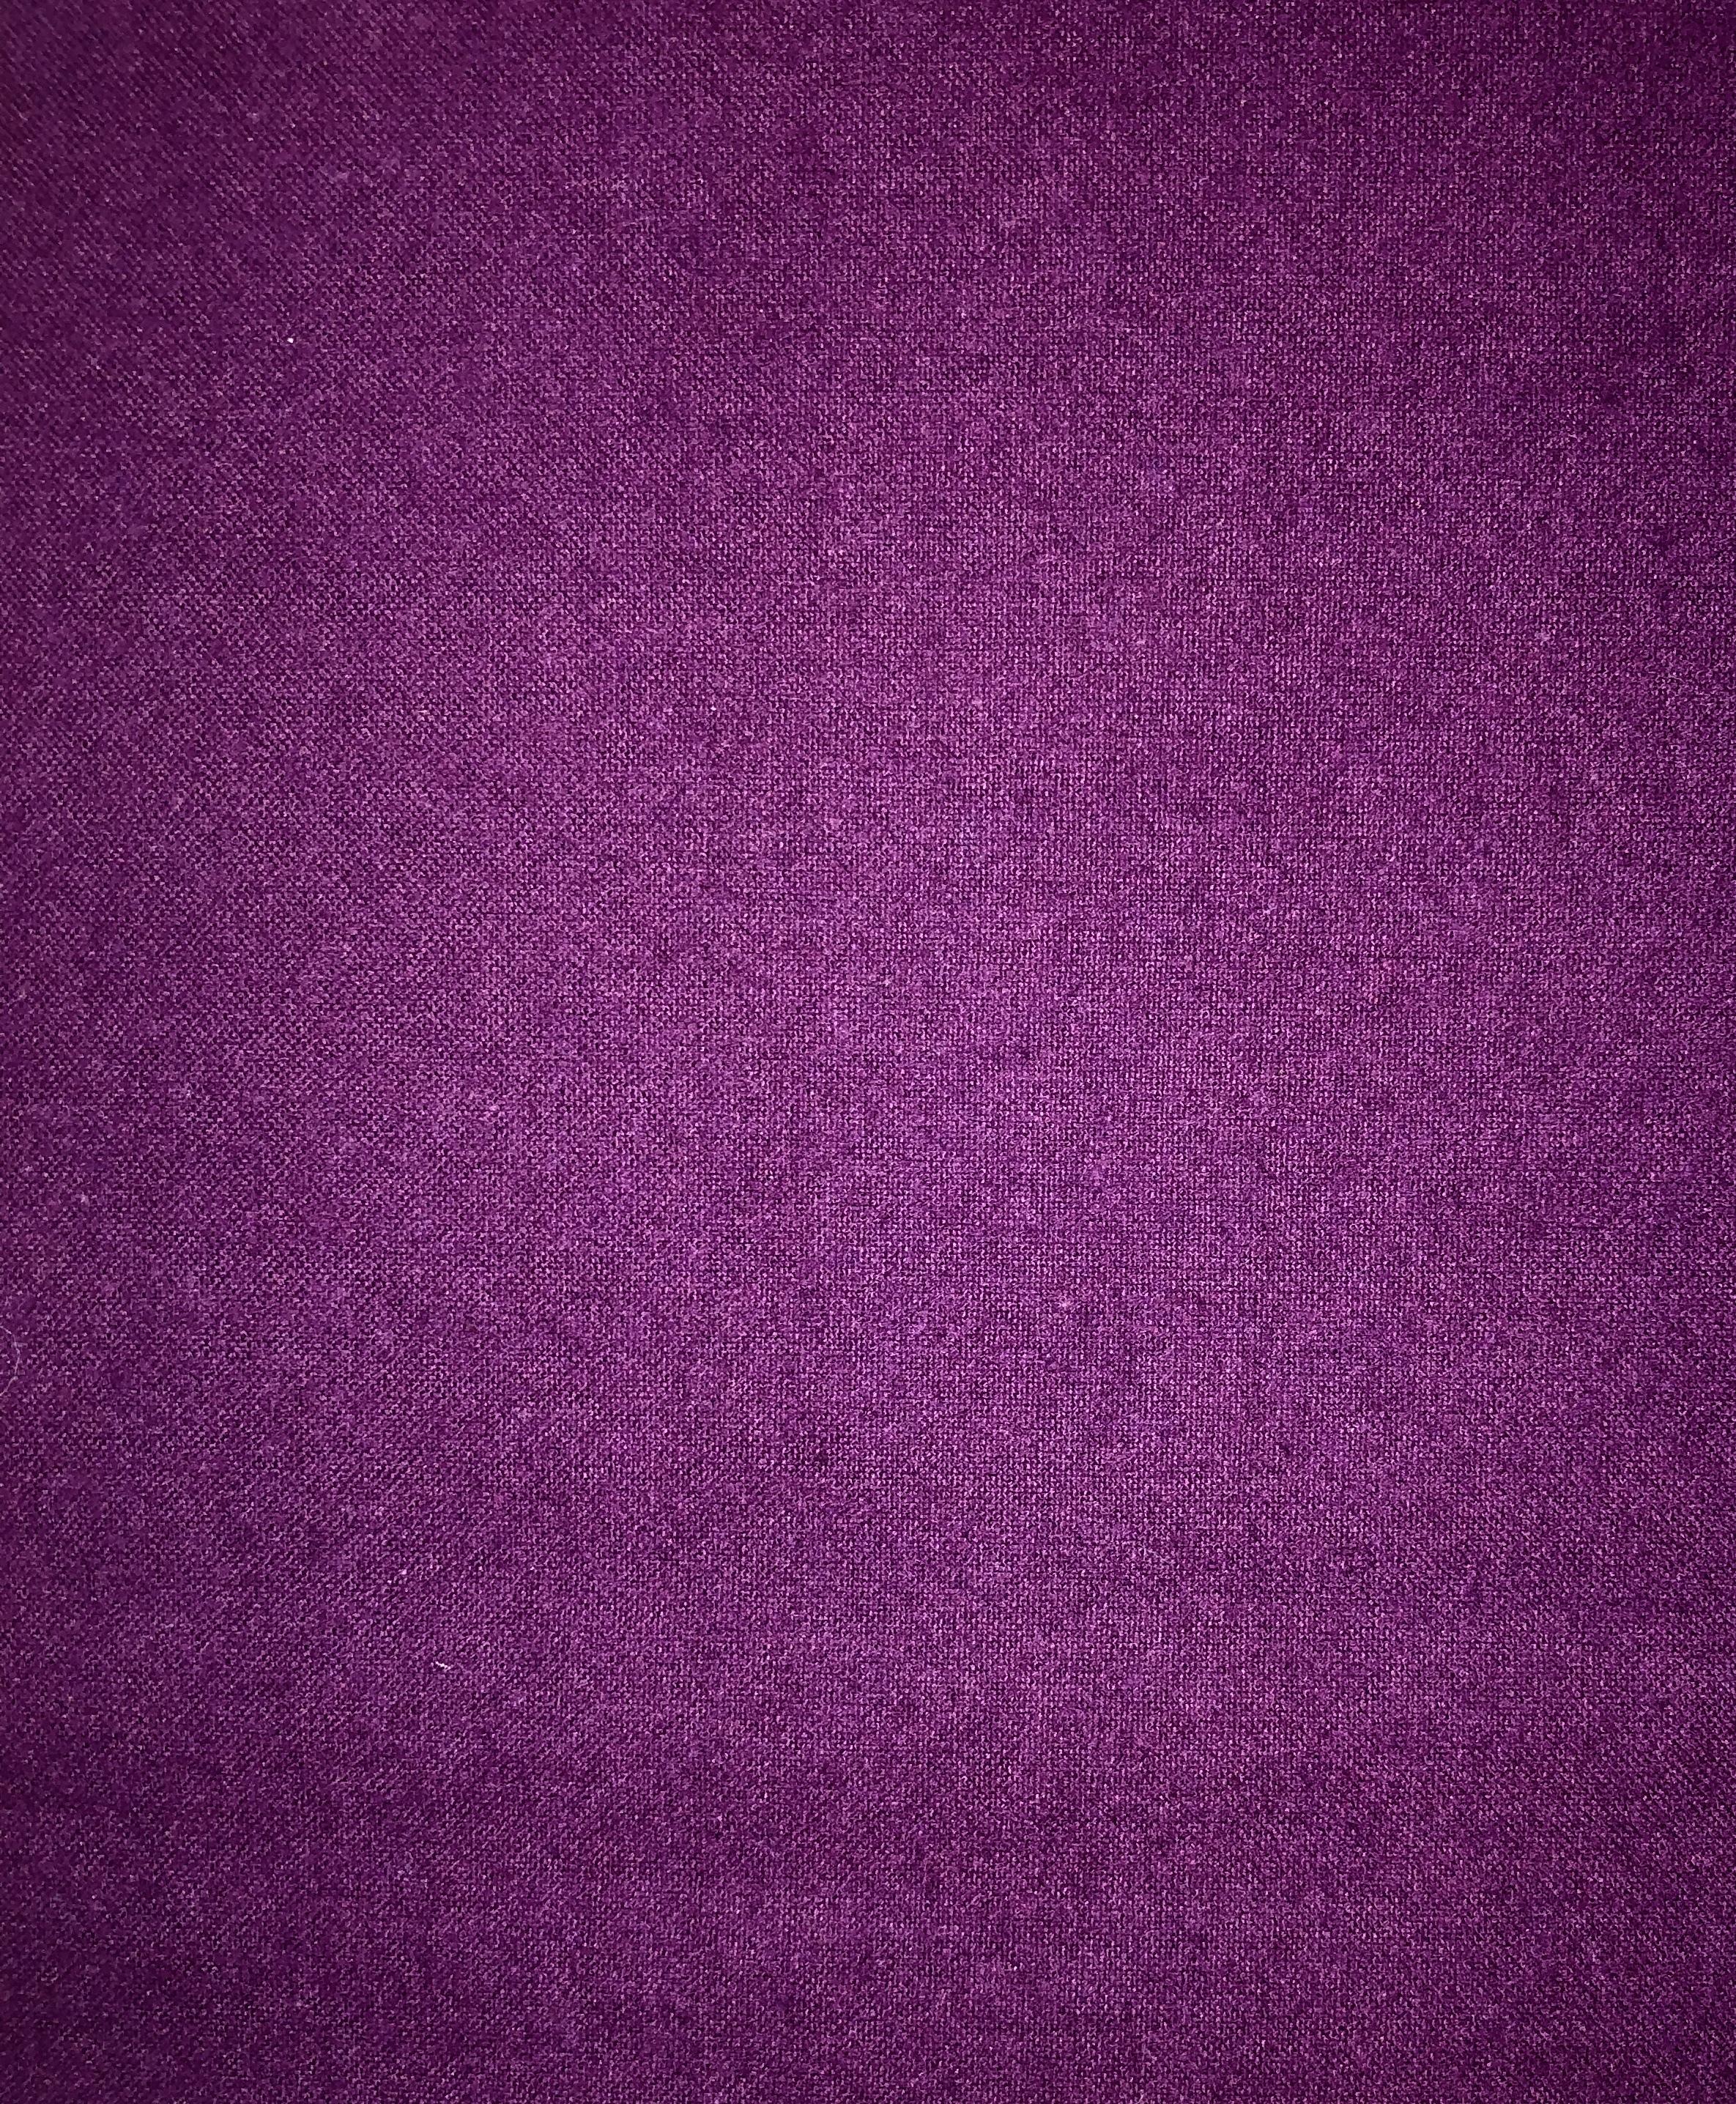 Yarn Dyed Flannel - Magenta Solid - 1/2m cut 55172